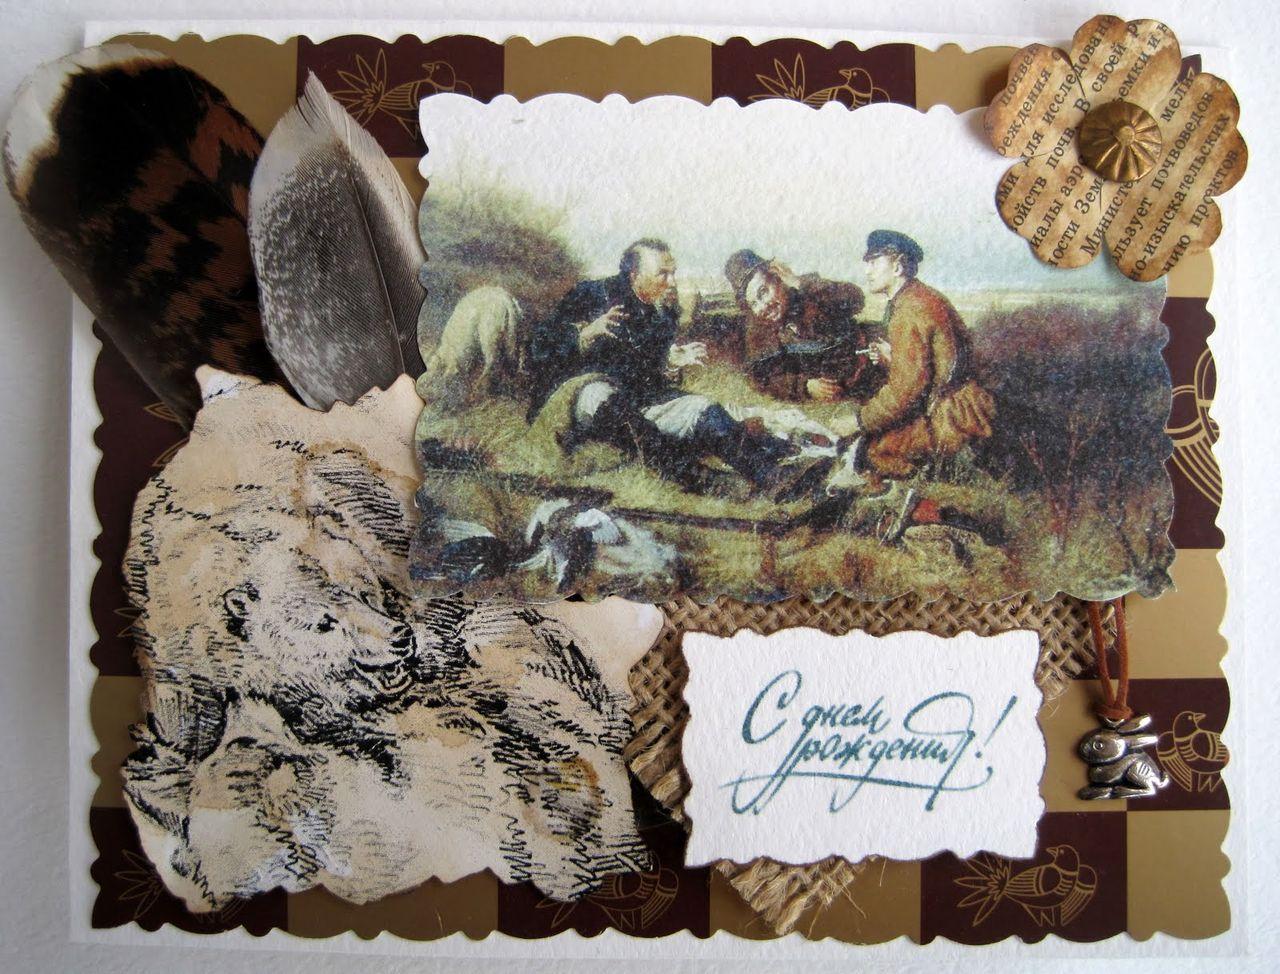 Поздравление с днем рождения другу охотнику